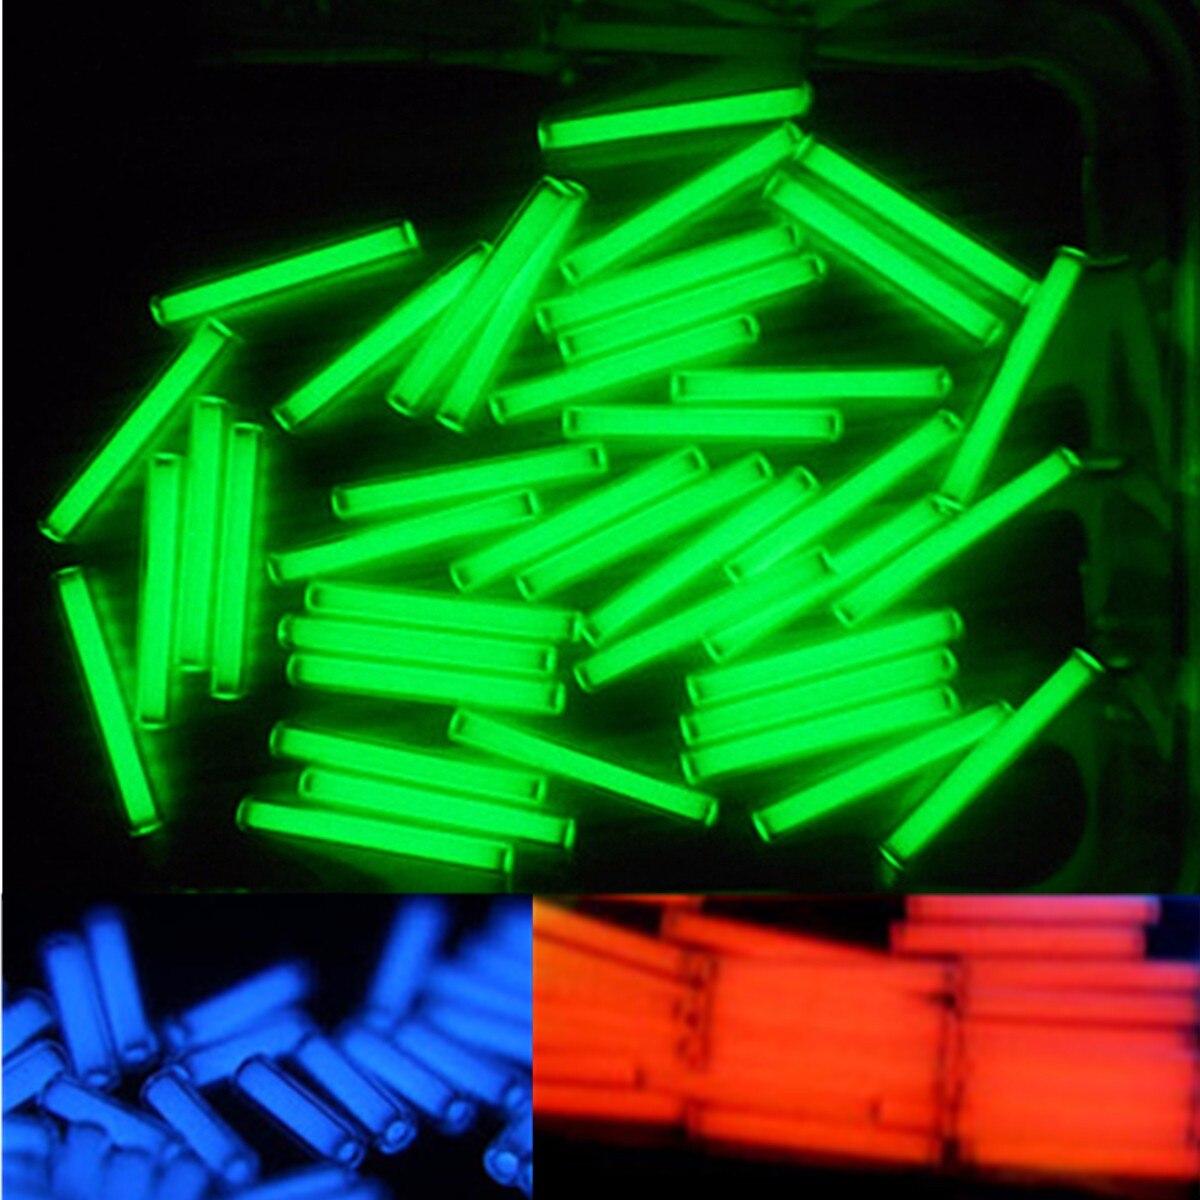 1 pcs 3x22.5mm Vélo Trit Flacons VTT Vélo Trit Flacons Tritium 15 Ans Auto-alimenté Étanche vélo Mini Lumière Tube Accessoires